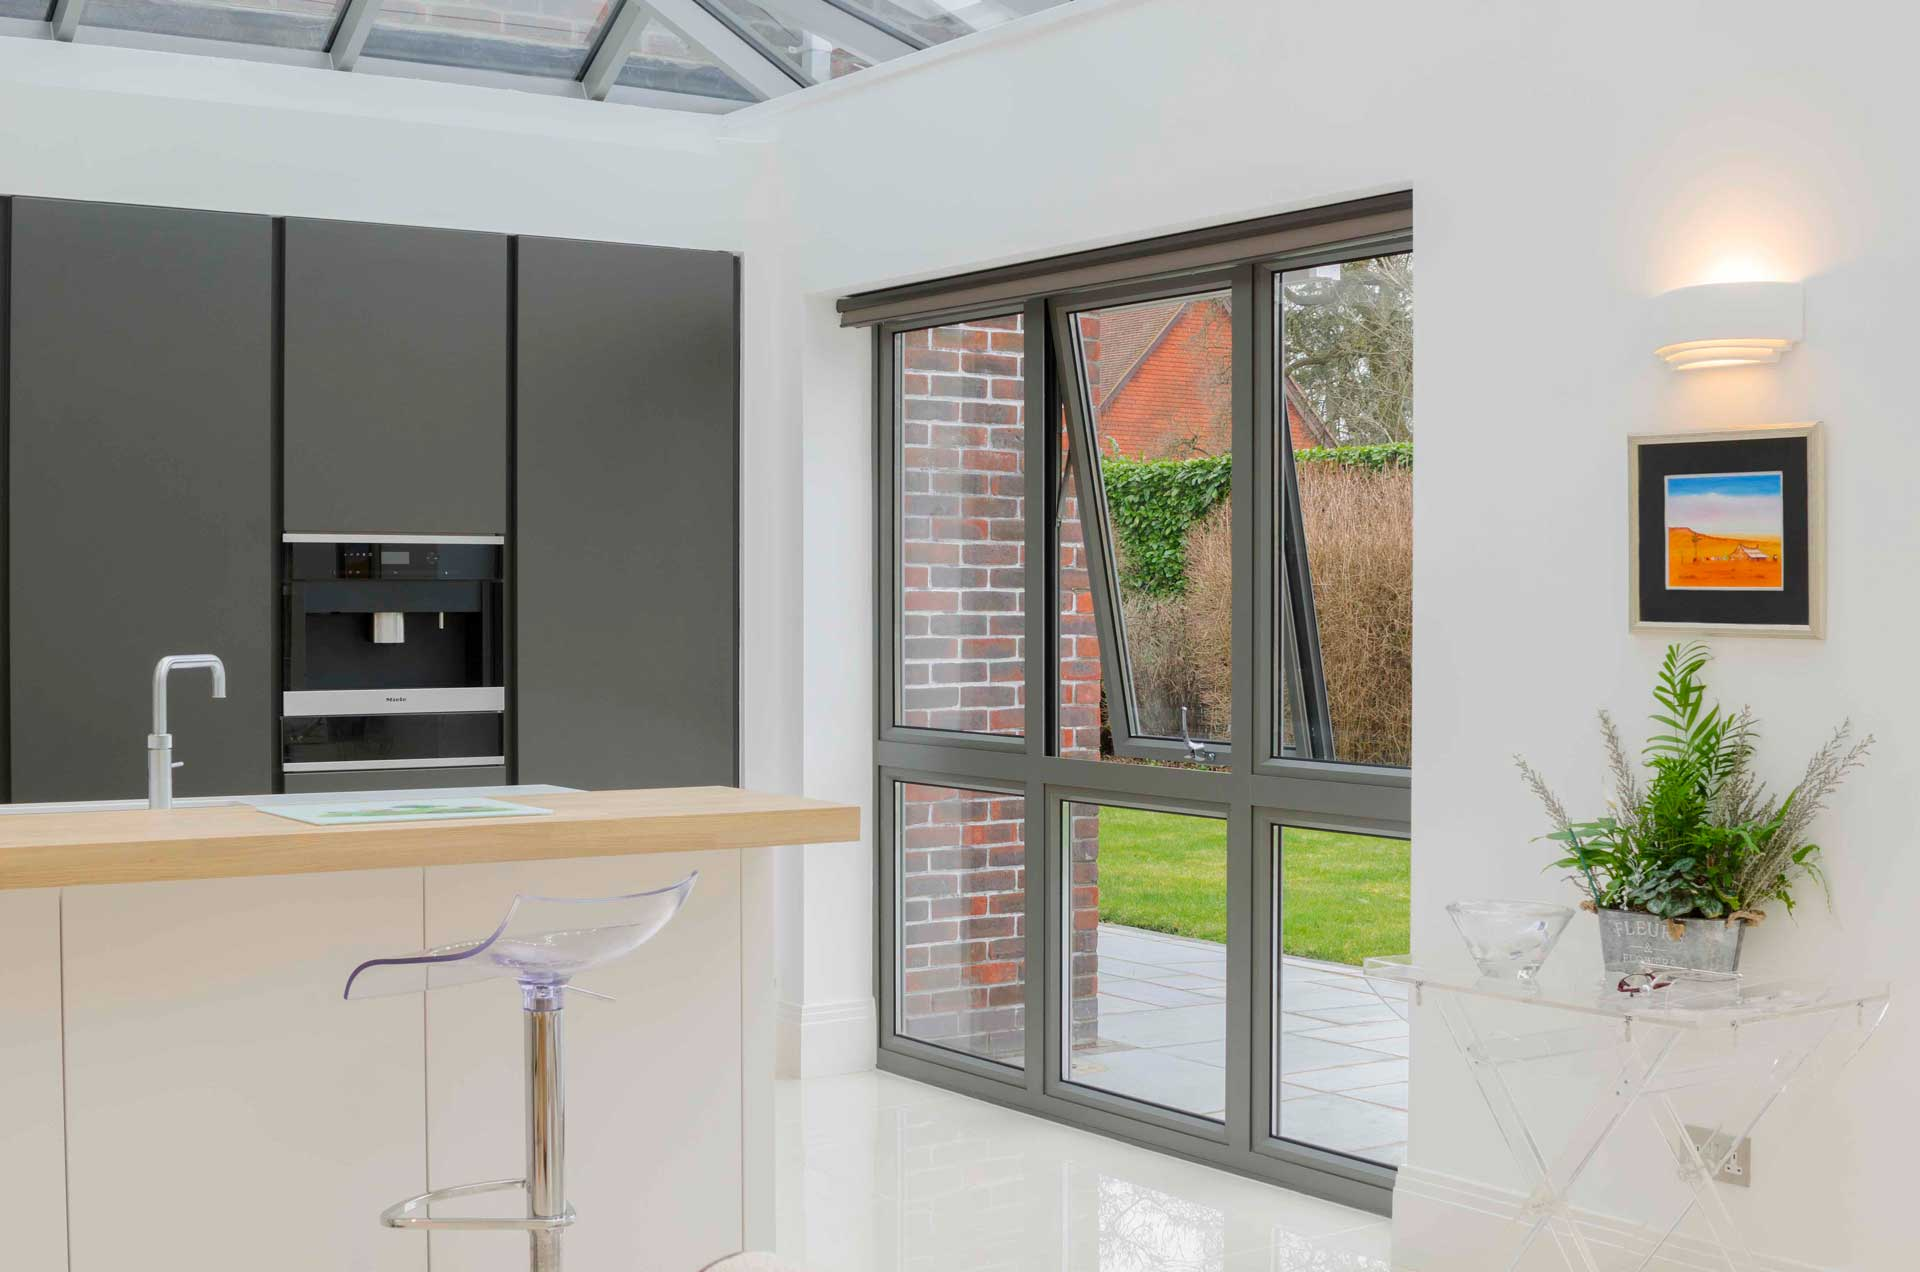 aluminium windows costs in hailsham